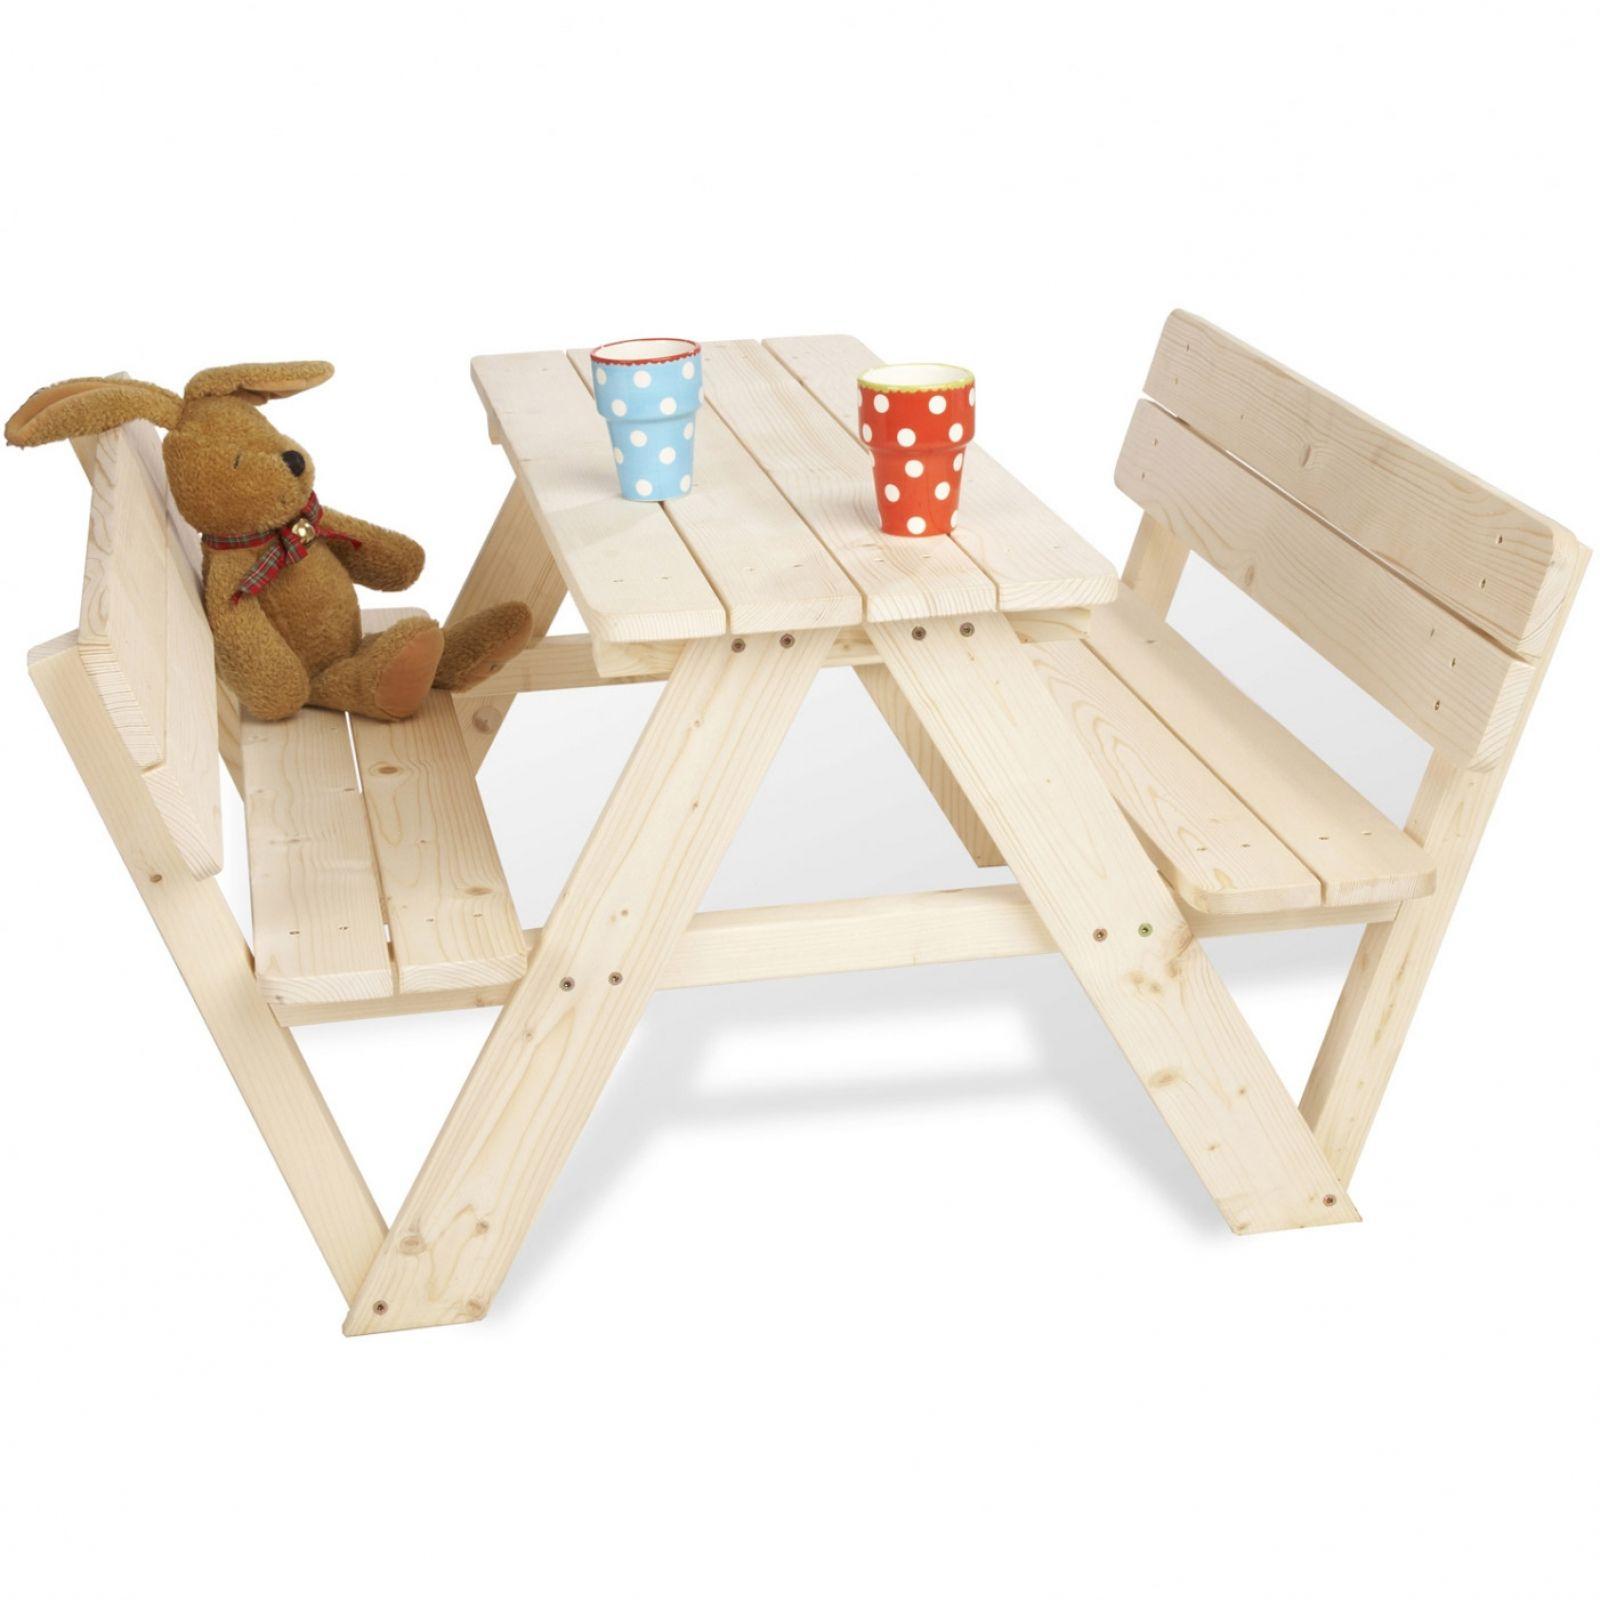 Table Pique-Nique 4 Places Avec Dossiers Pour Enfants ... pour Table De Jardin Enfants